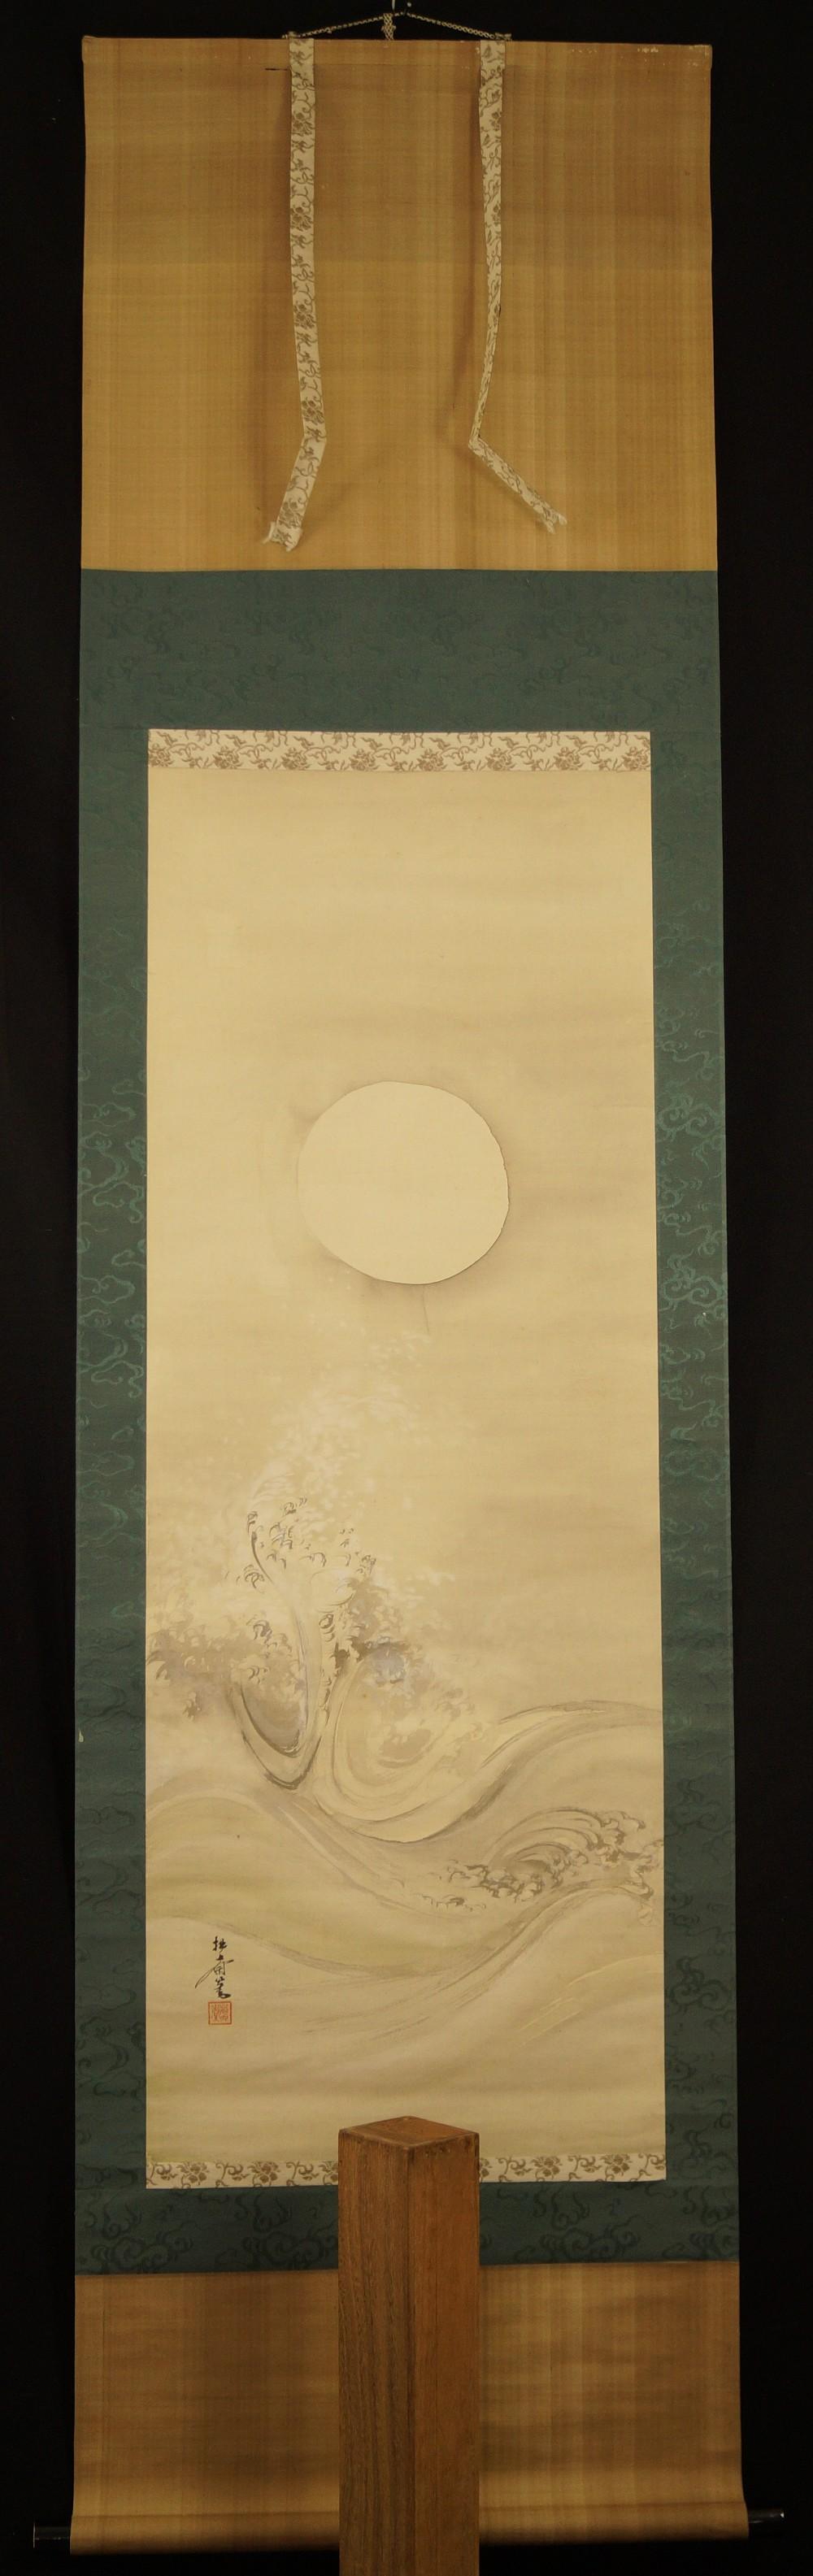 Brechende Wellen im Mondschein - japanisches Rollgemälde (Kakejiku, Kakemono)